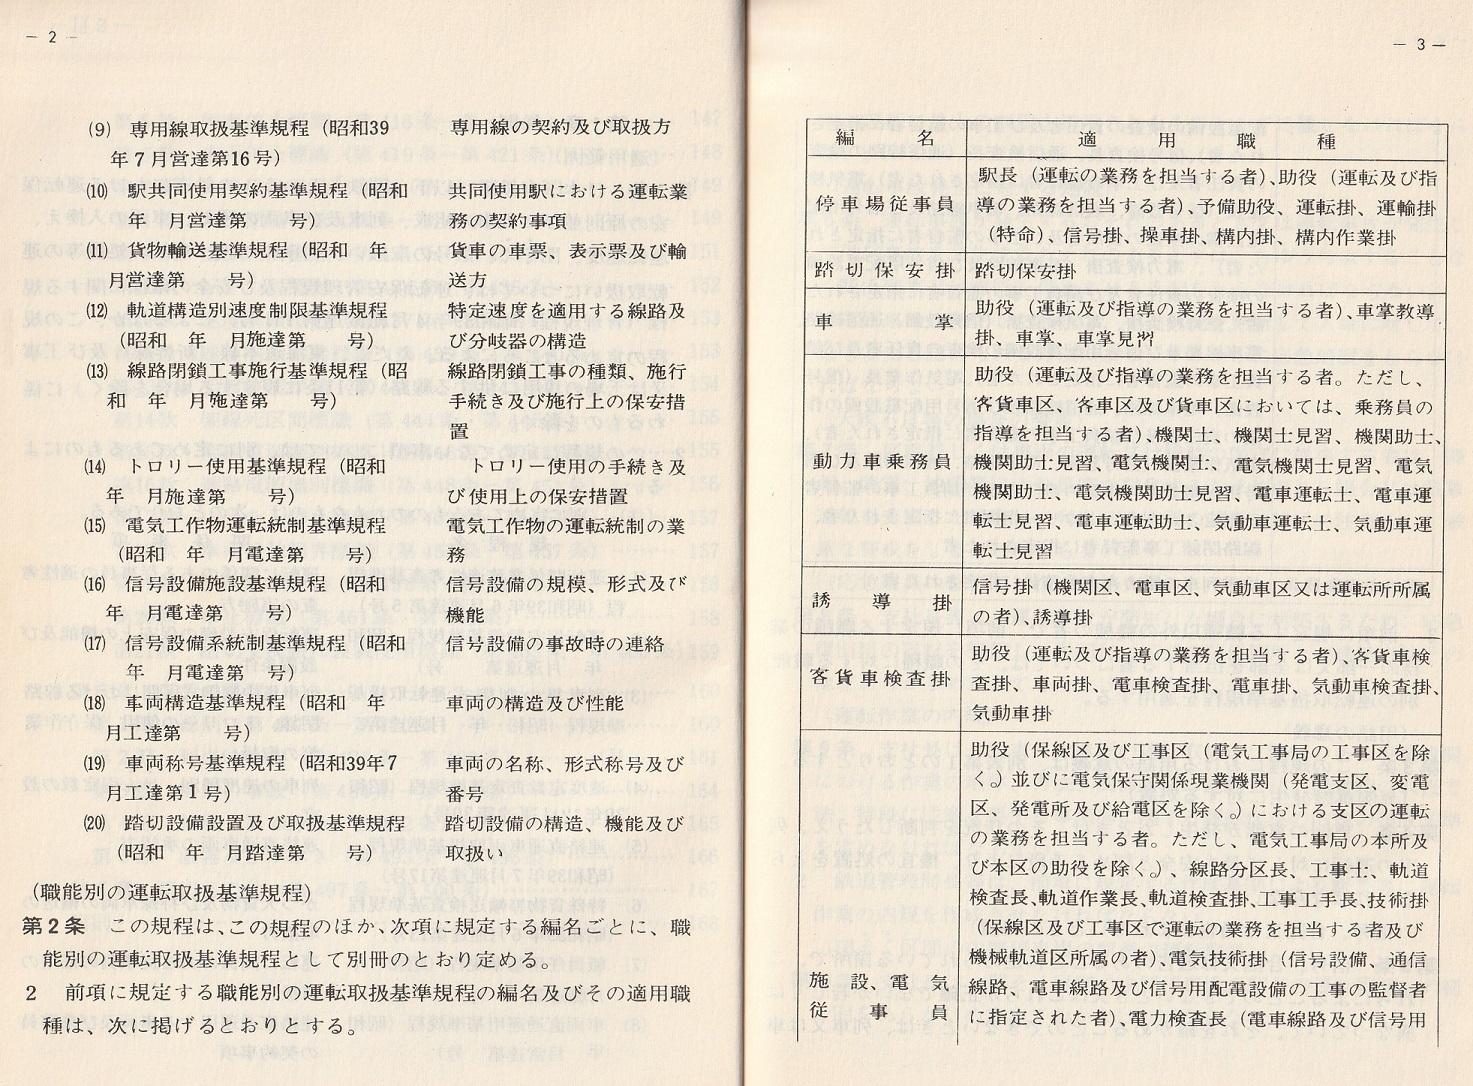 運転取扱基準規程昭和39年12月版p2p3